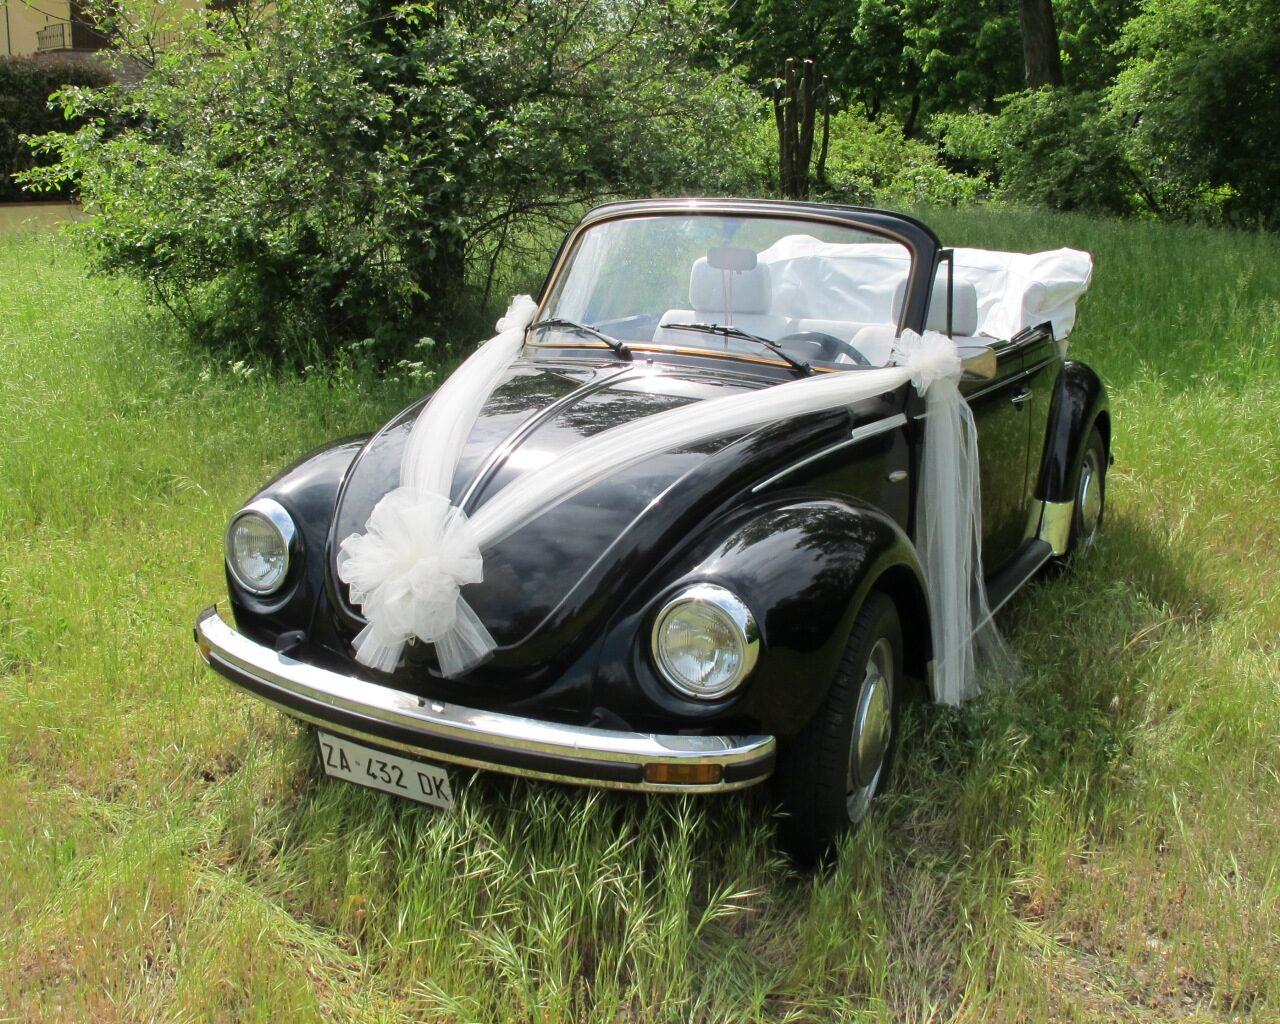 Volkswagen 1303 nero - vettura matrimonio - maggiolone - maggiolino - auto nuziale